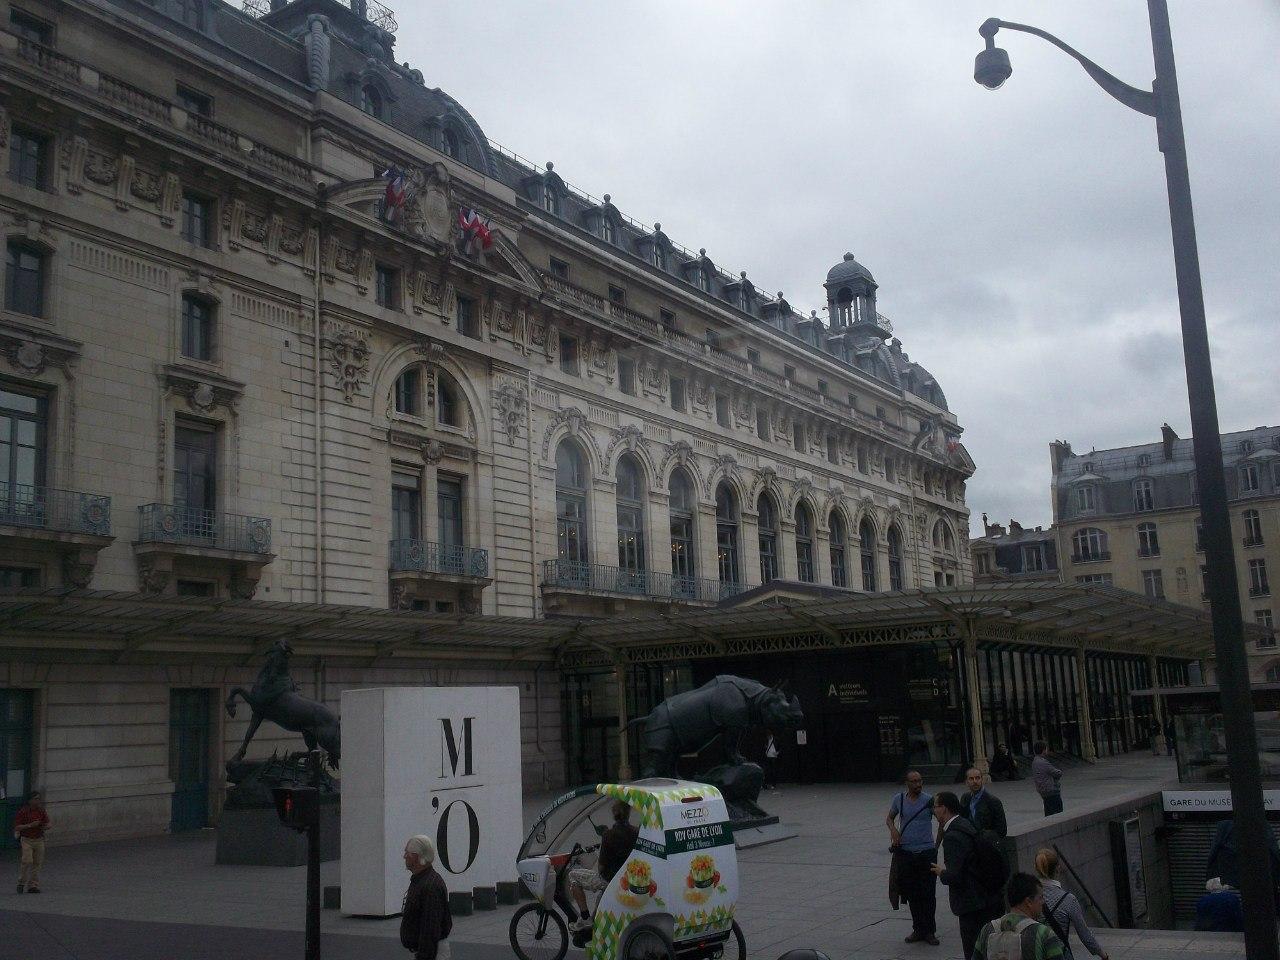 Елена Руденко. Франция. Париж. 2013 г. июнь. -fLgqmvtINc